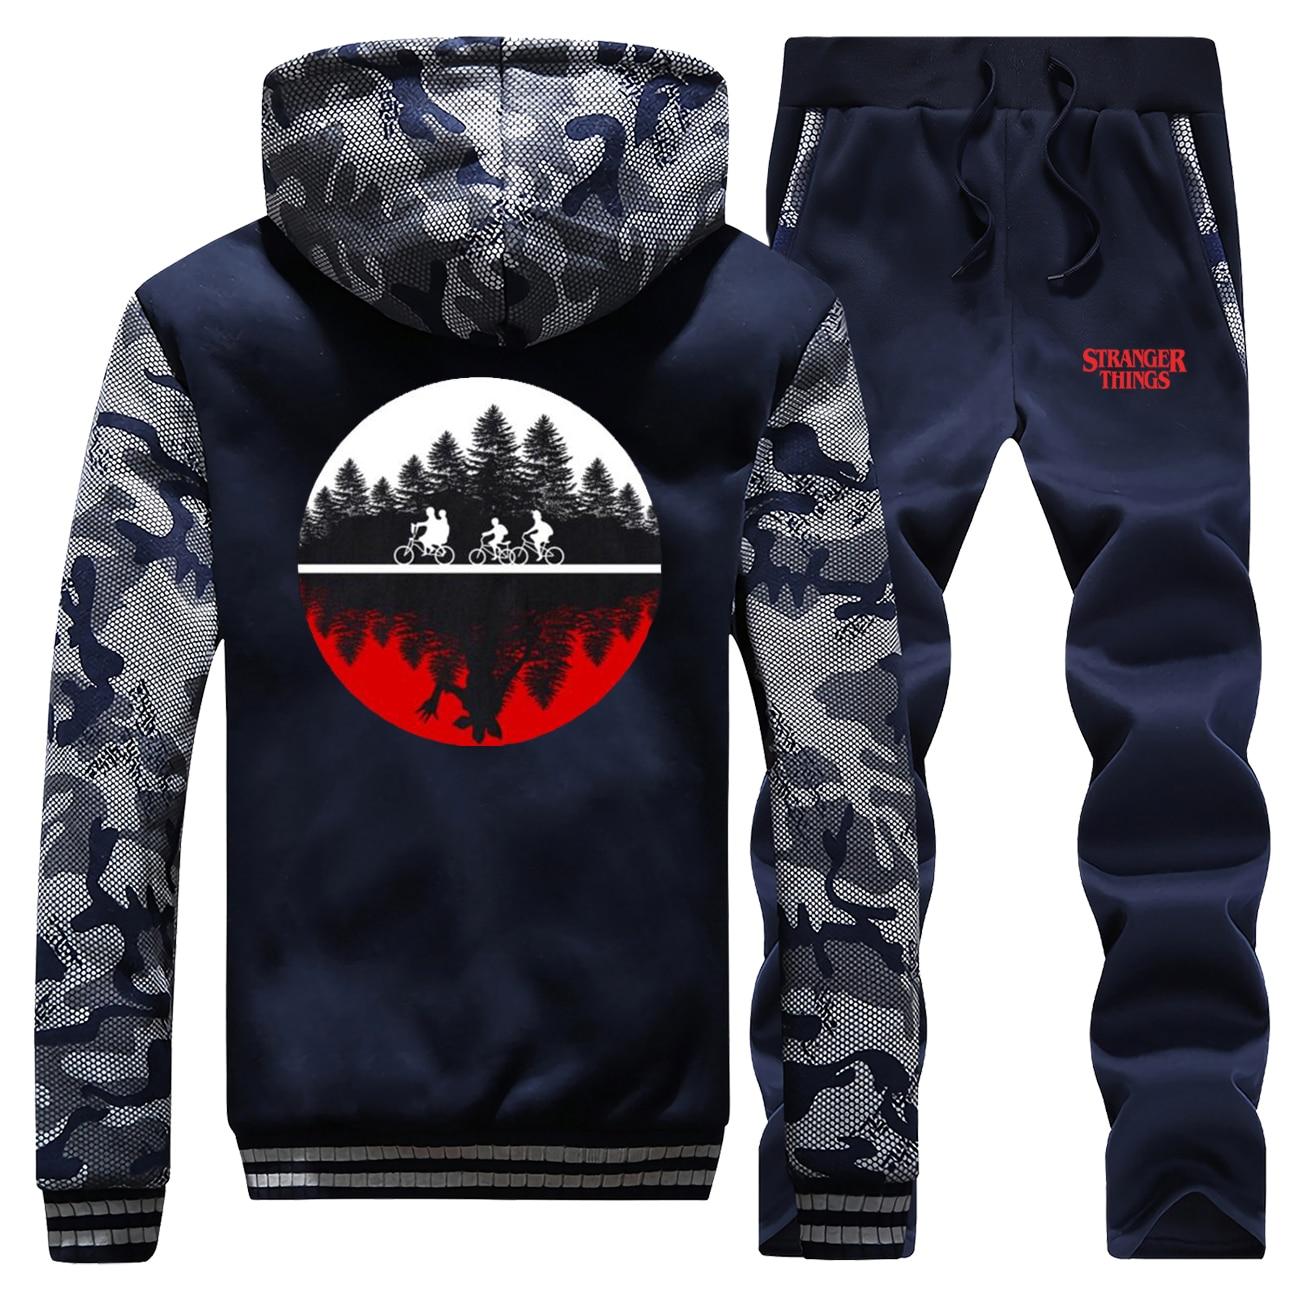 Cartoon Men's Hooded Coat+Pants 2Pcs Set Casual Jacket Tracksuit Man Winter Warm Fleece Suit Printed Letter Men's Sports Suit